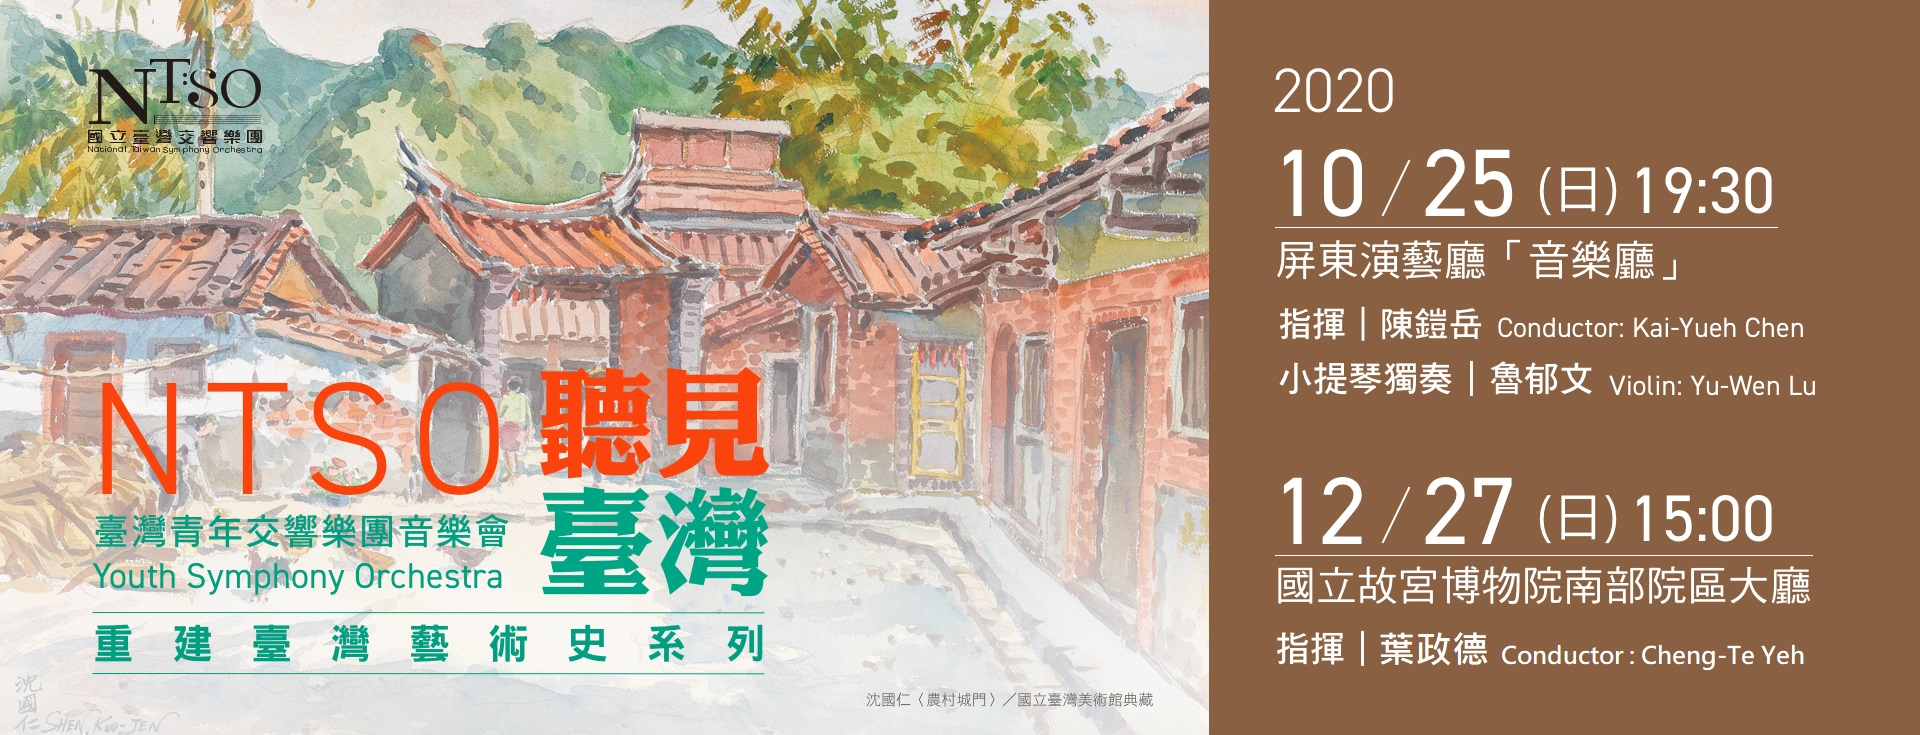 2020NTSO臺灣青年交響樂團【聽見臺灣】推廣音樂會